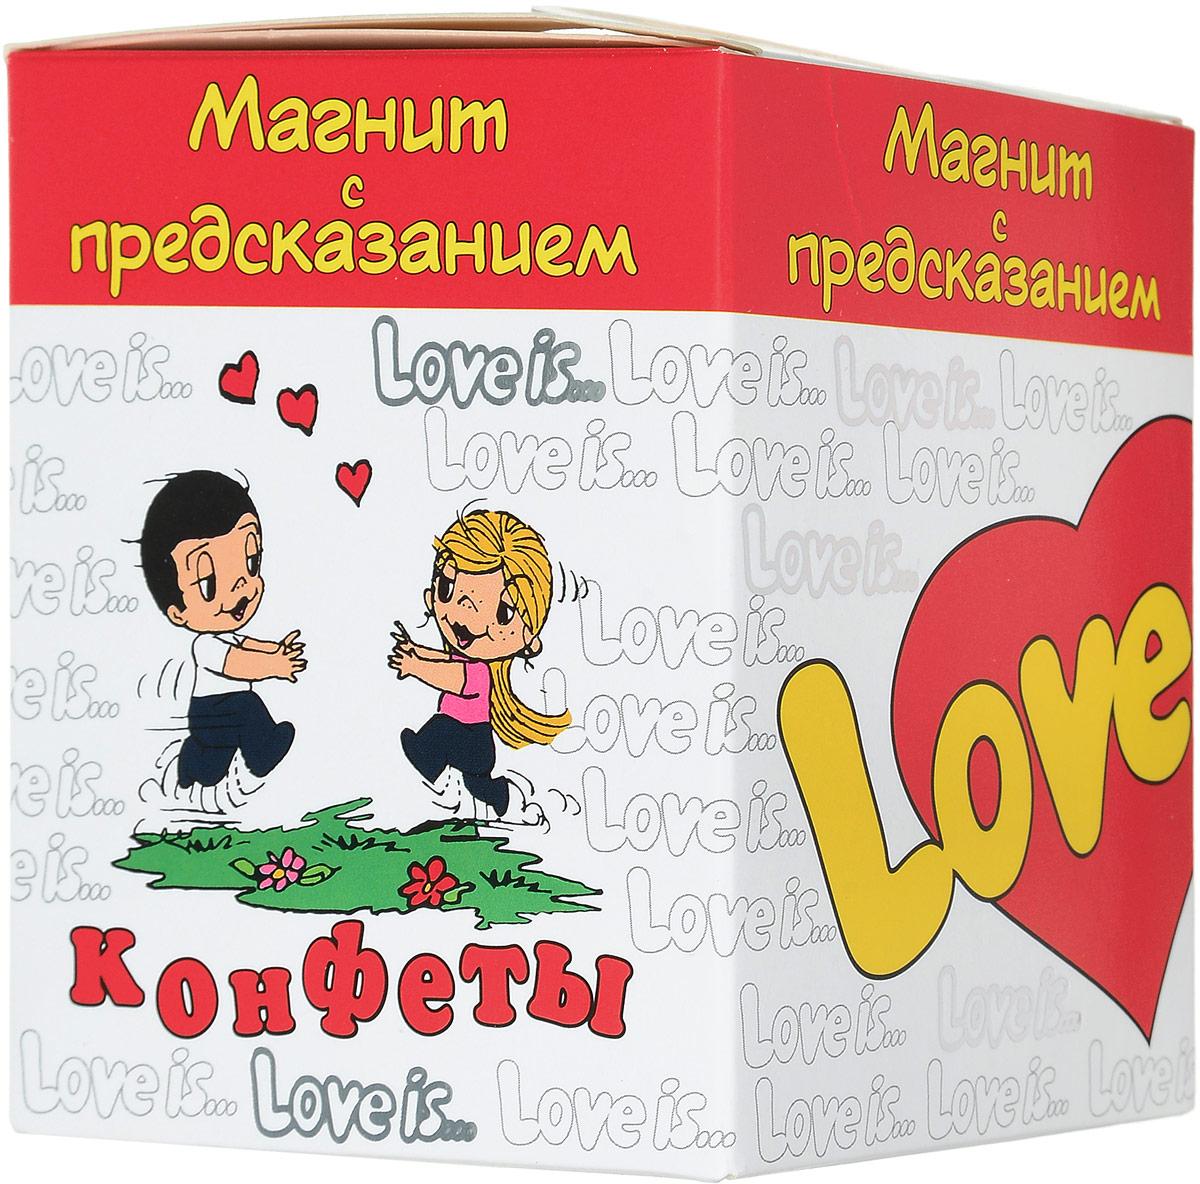 Love is Жевательные конфеты ассорти с жидким центром, 125 г79003060_новогодний дизайнВам знакомо то чувство, когда невыносимо хочется чего-нибудь сладкого? В этом нет ничего страшного, баловать себя полезно, ведь сладкое повышает ваш уровень эндорфинов - гормонов счастья.Жевательные конфеты Love is не только содержат вкусные ингредиенты, но и несет заряд хорошего настроения. Позвольте себе полакомиться от души и разделите это удовольствие со своими друзьями и близкими. Внутри коробки находится магнит с предсказанием о любви и уже знакомой парочкой влюбленных.Уважаемые клиенты! Обращаем ваше внимание, что полный перечень состава продукта представлен на дополнительном изображении.